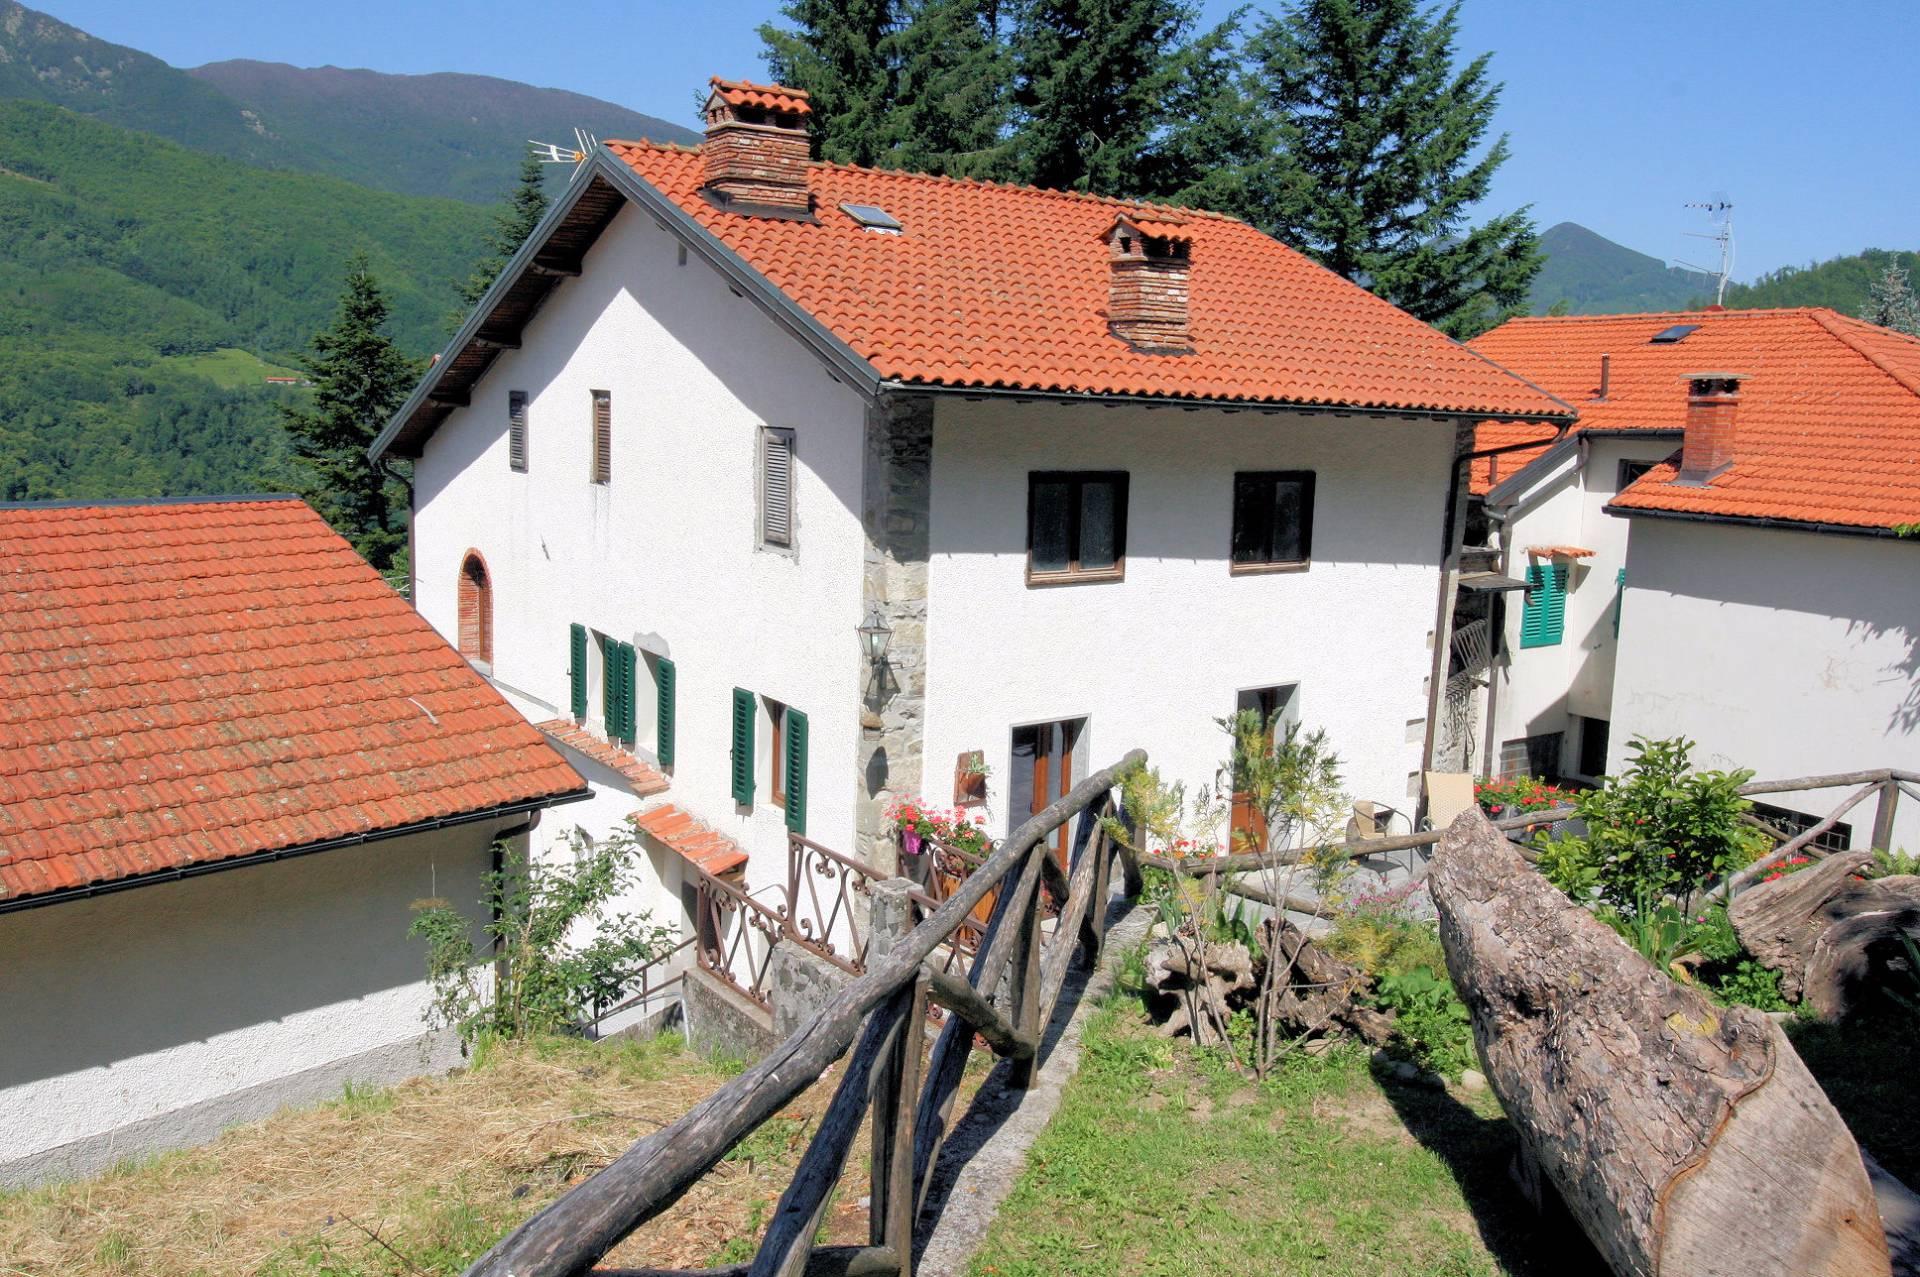 Rustico / Casale in vendita a San Marcello Pistoiese, 18 locali, zona Zona: Lizzano, prezzo € 450.000 | Cambio Casa.it